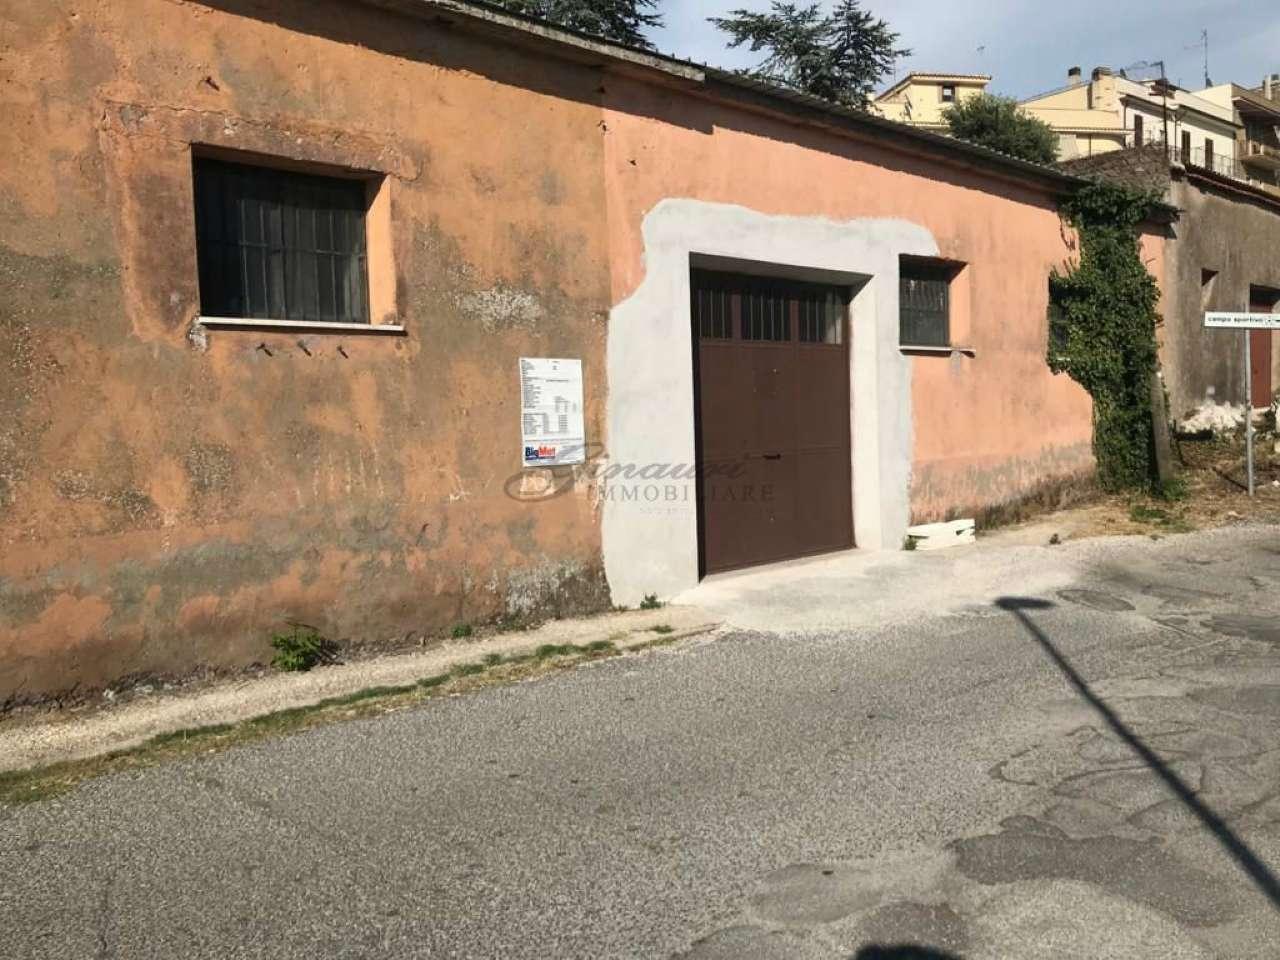 Negozio / Locale in vendita a Montorio Romano, 2 locali, prezzo € 55.000   CambioCasa.it